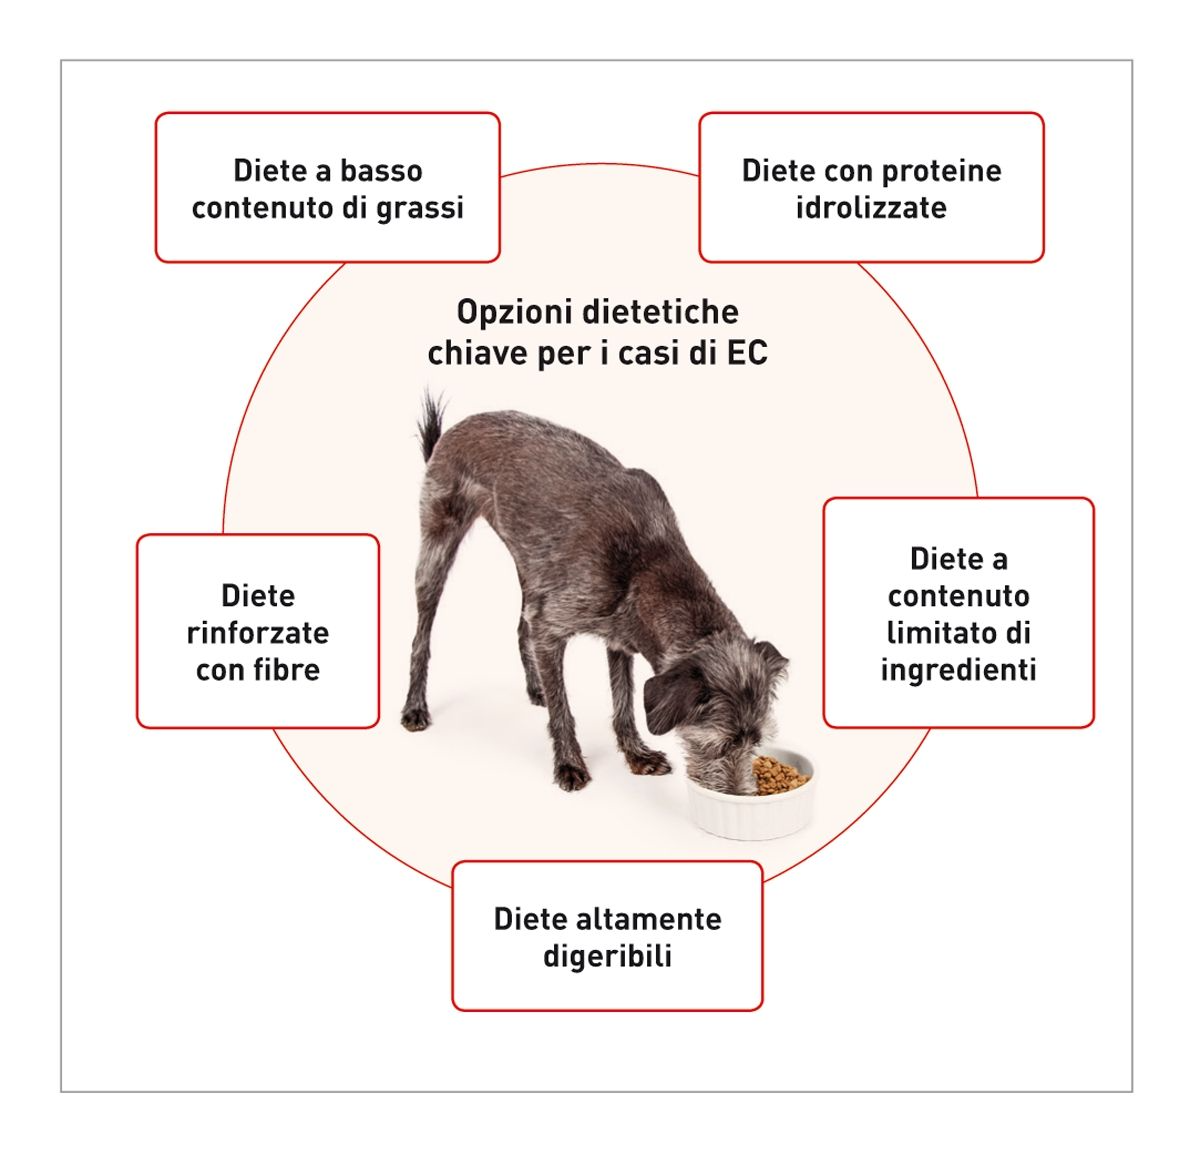 Per i pazienti con malattia GI sono in commercio strategie alimentari molteplici. Le cinque utilizzate più spesso includono: (I) diete a basso contenuto di grassi, (II) diete rinforzate con fibre, (III) diete altamente digeribili, (IV) diete a contenuto limitato di ingredienti e (V) diete con proteine idrolizzate. Ogni tipo di dieta deve essere utilizzato nelle aree specifiche delle enteropatie croniche dove è più probabile che apportino beneficio all'animale.